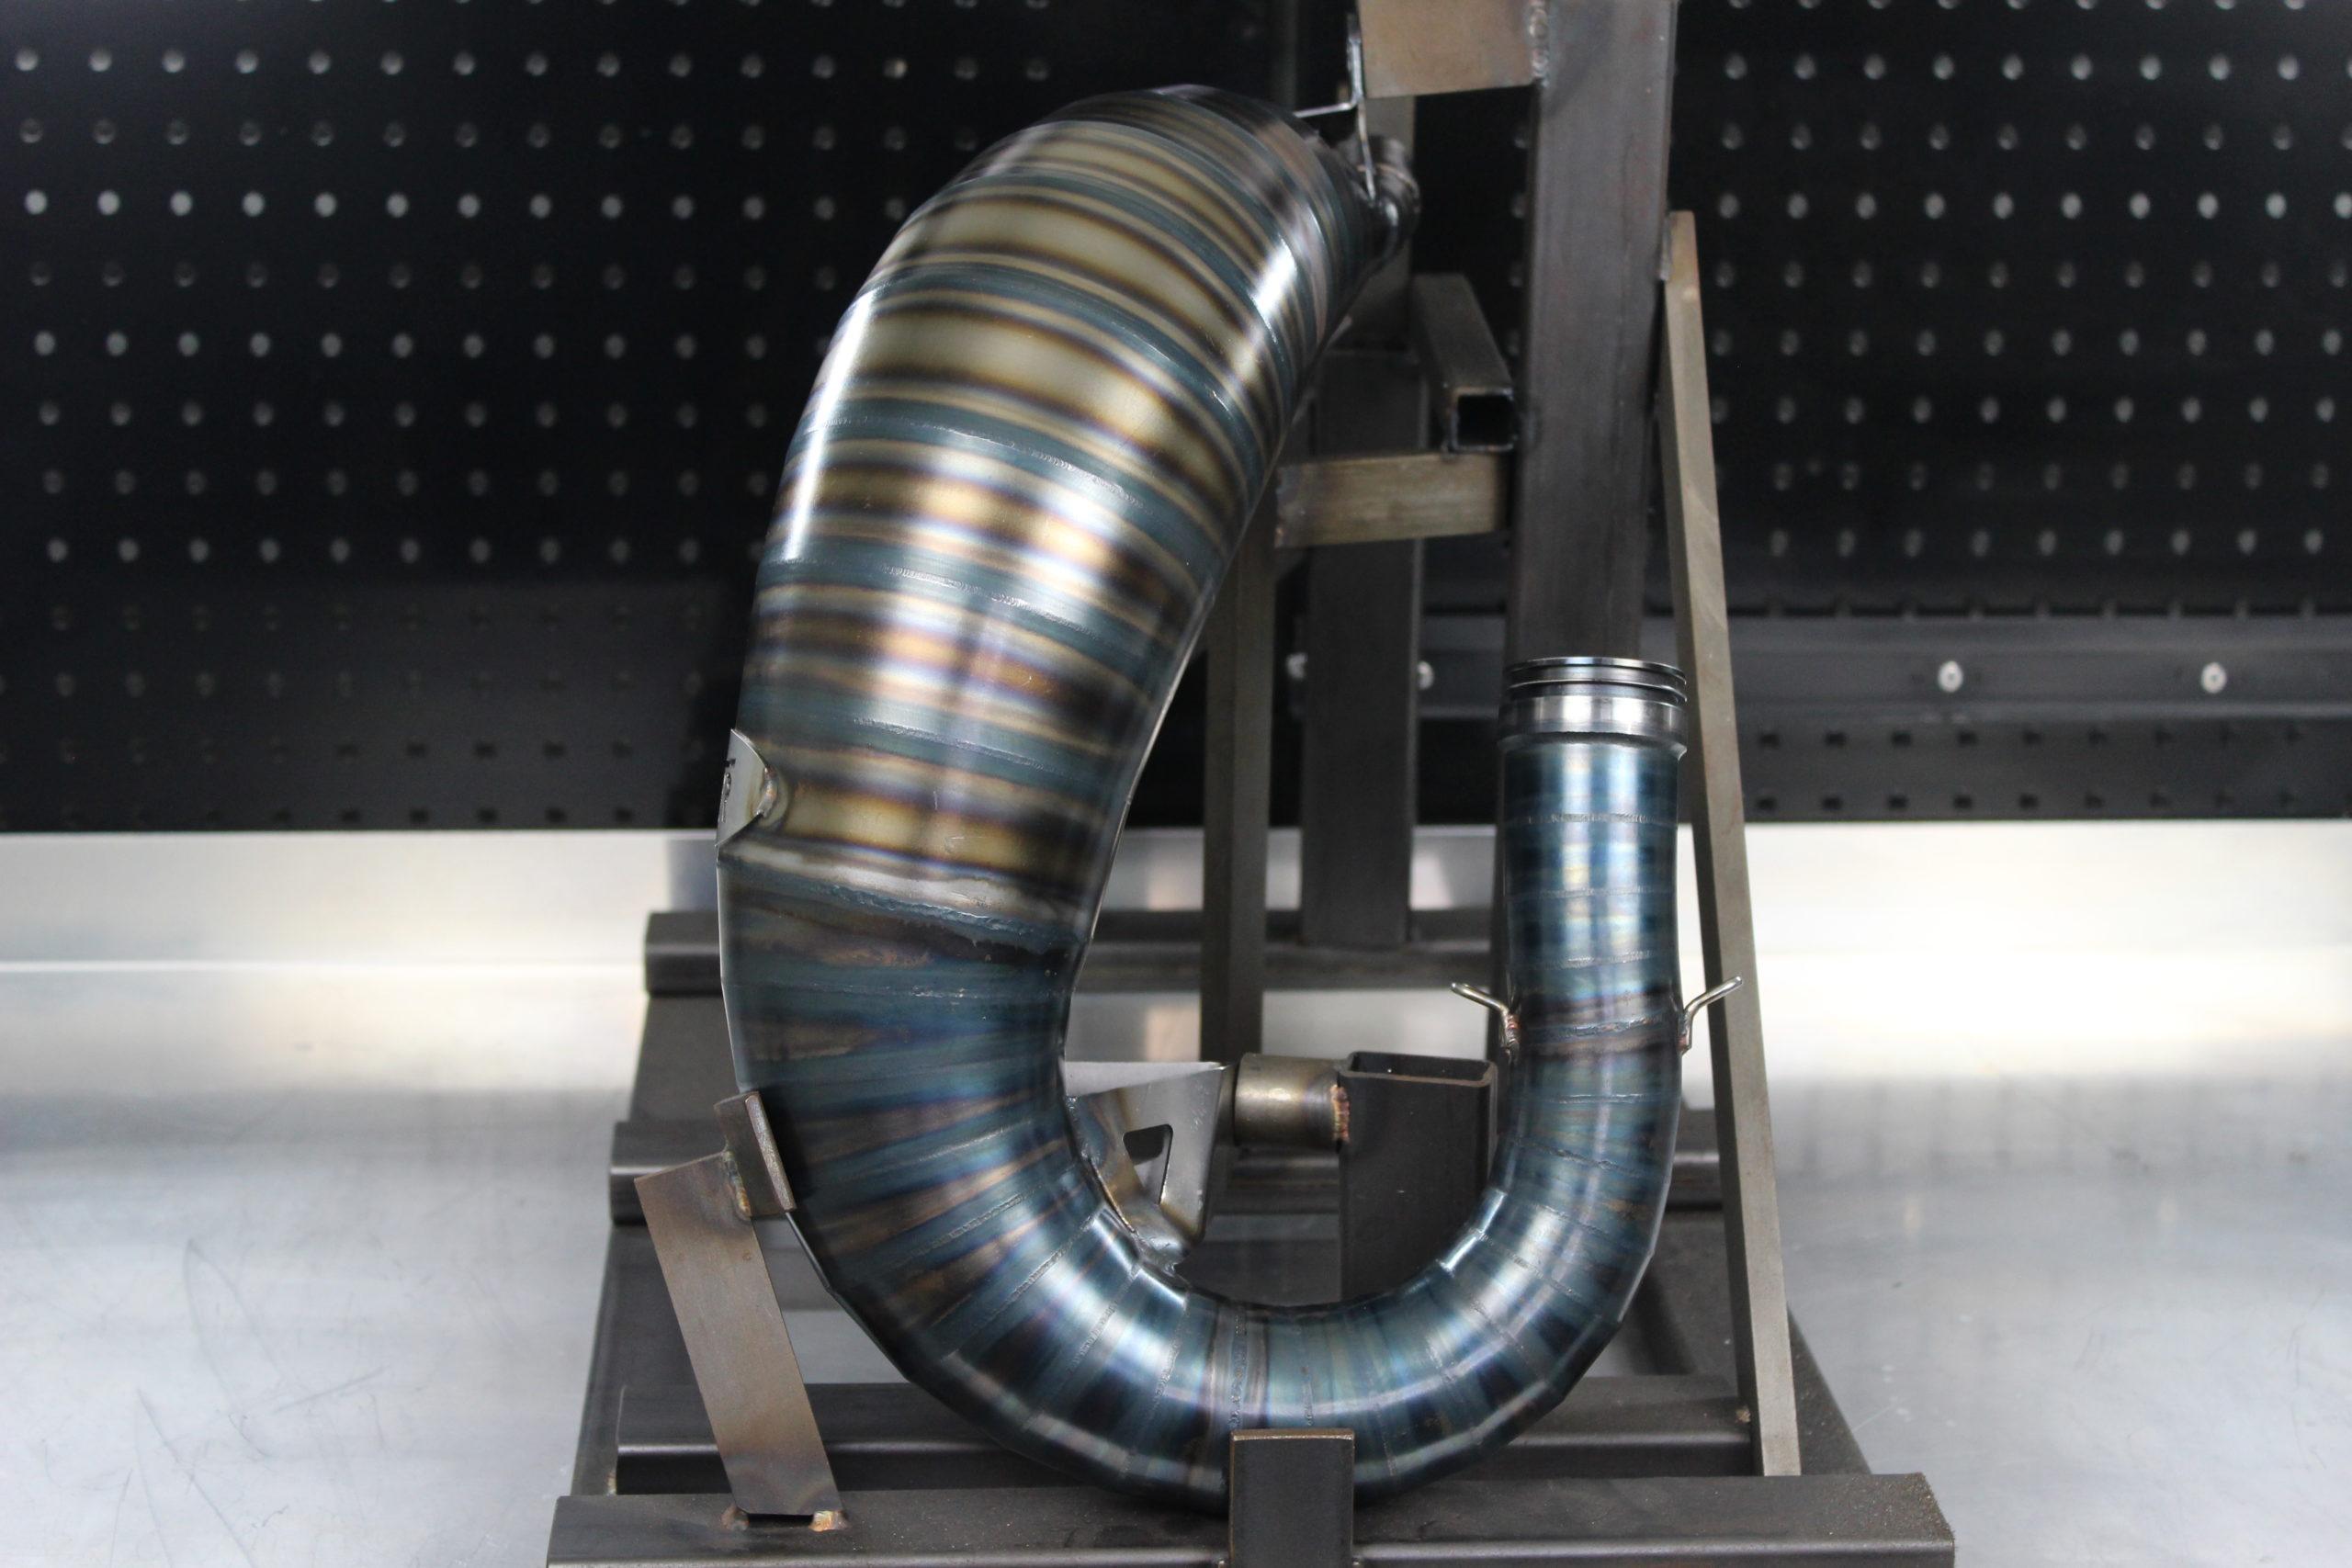 Tmr Performance Parts Ktm Husqvarna 125-150 ccm Auspuffanlage 2016 bis 2018 Ansicht 2